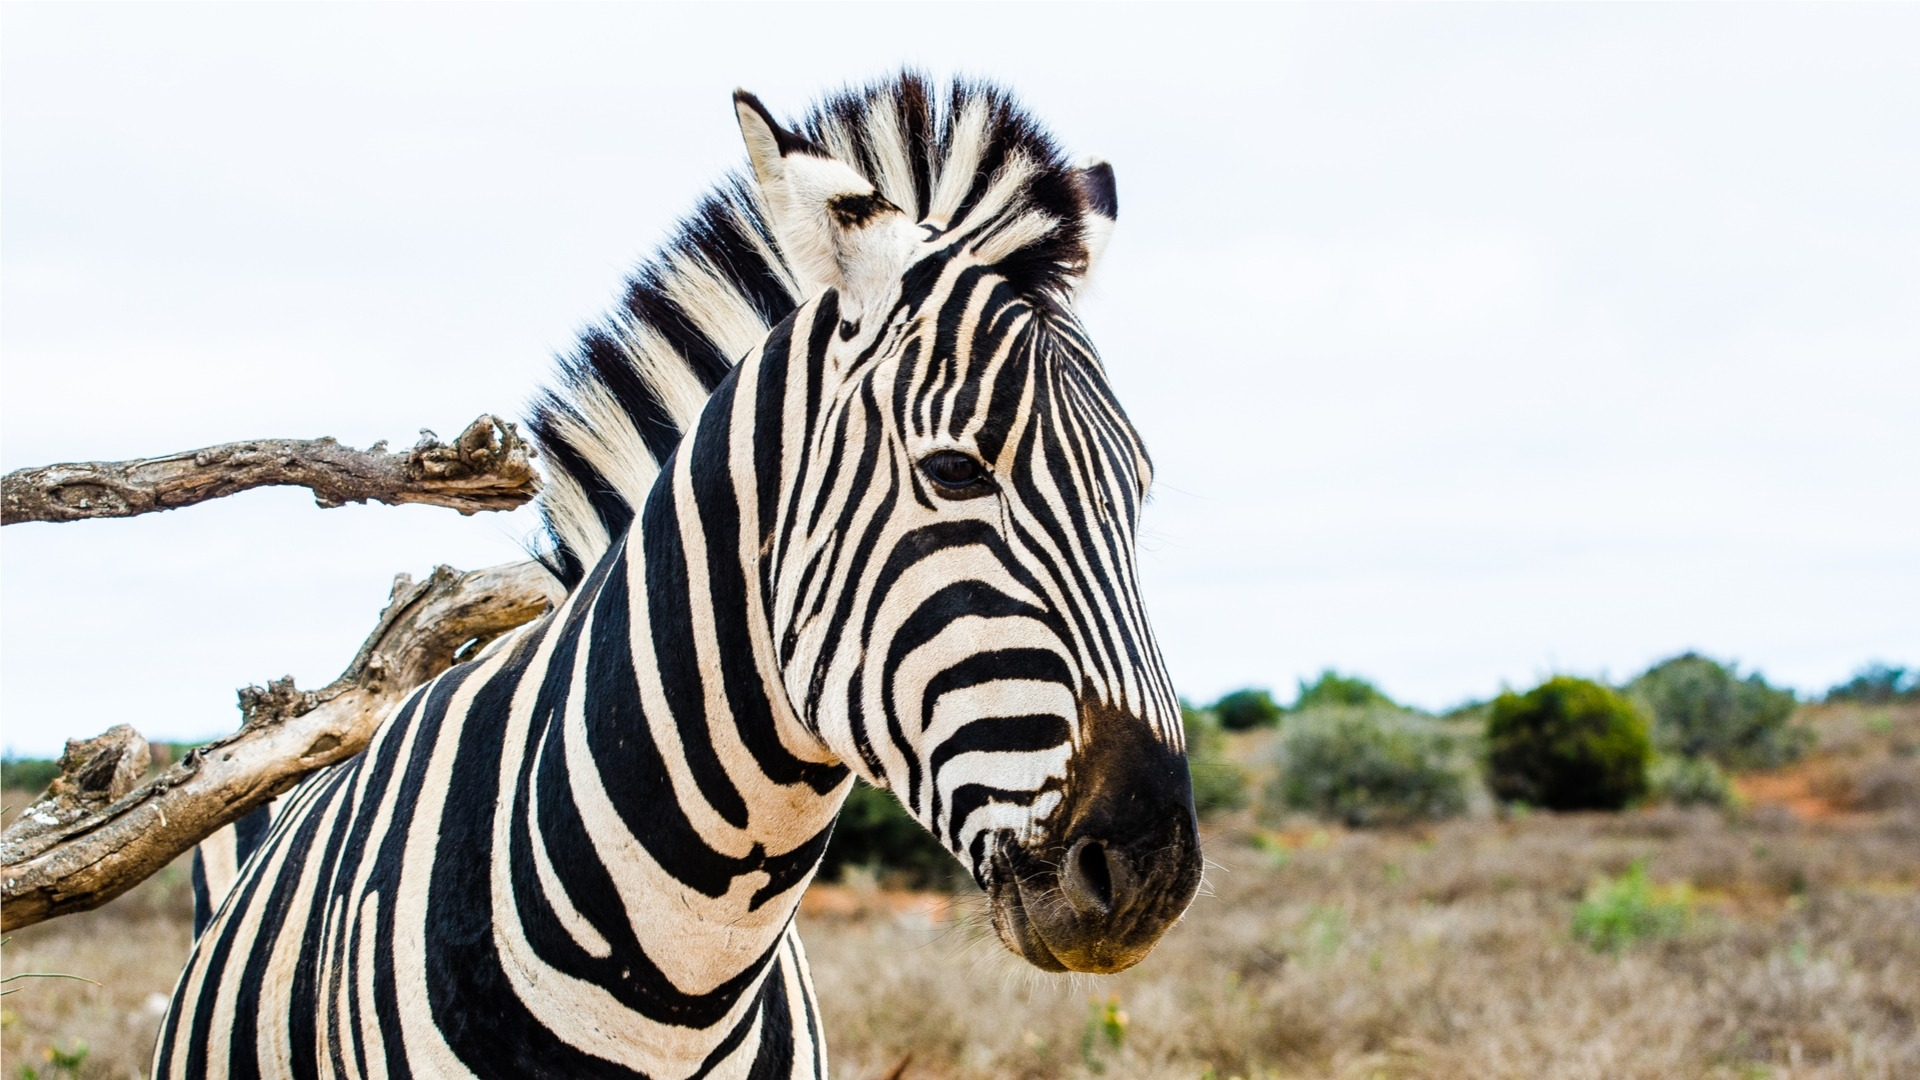 Photo of a Zebra